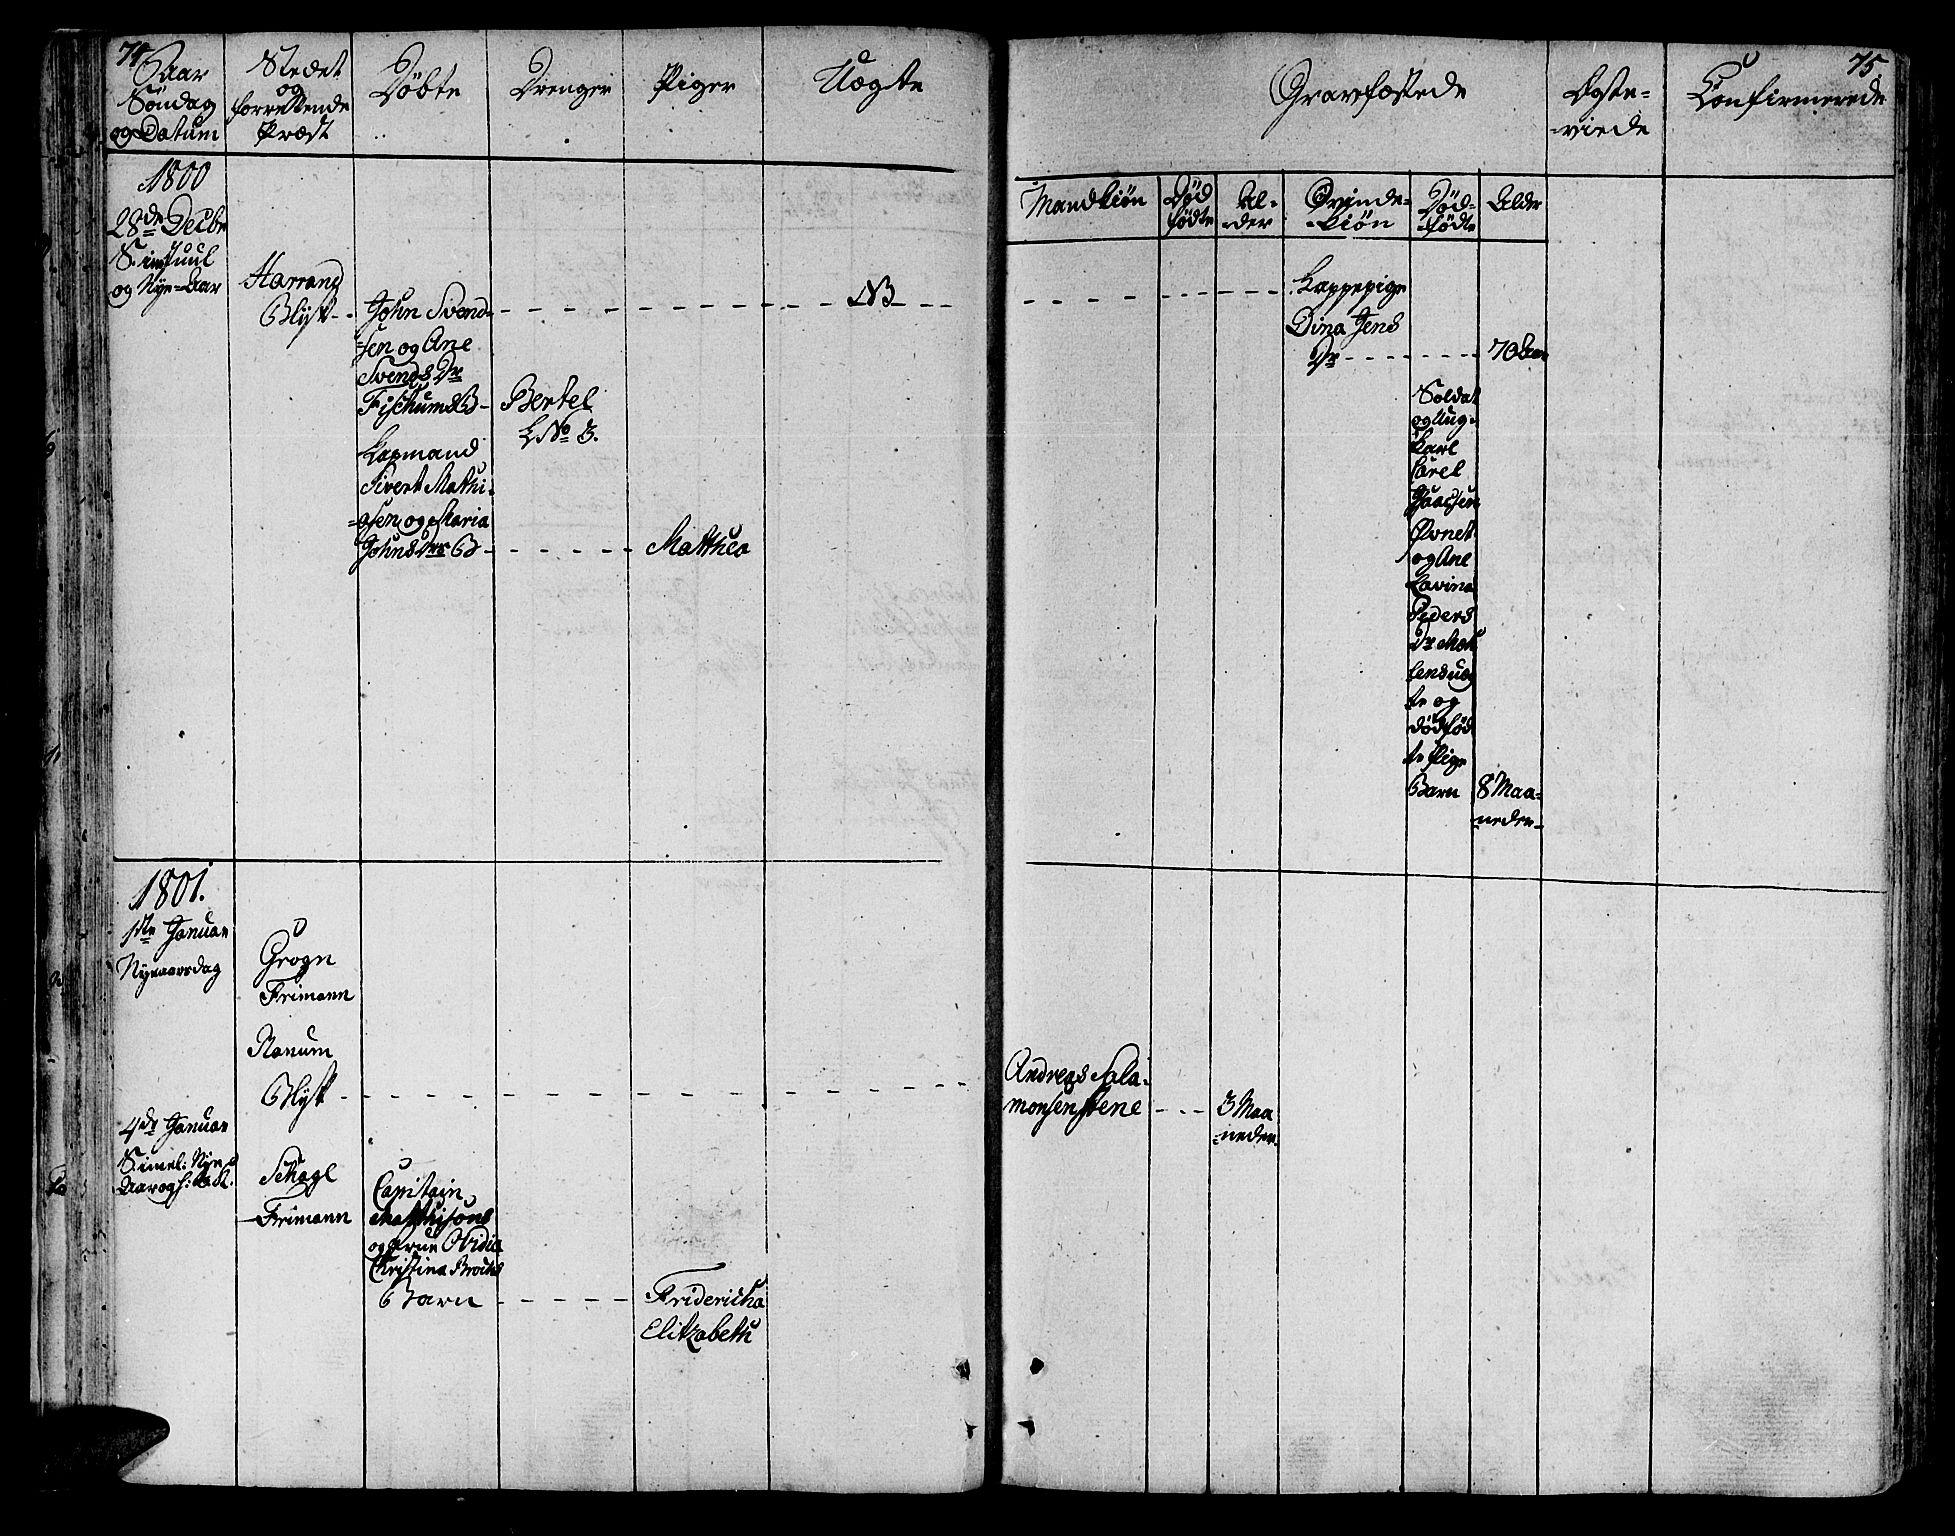 SAT, Ministerialprotokoller, klokkerbøker og fødselsregistre - Nord-Trøndelag, 764/L0545: Ministerialbok nr. 764A05, 1799-1816, s. 74-75